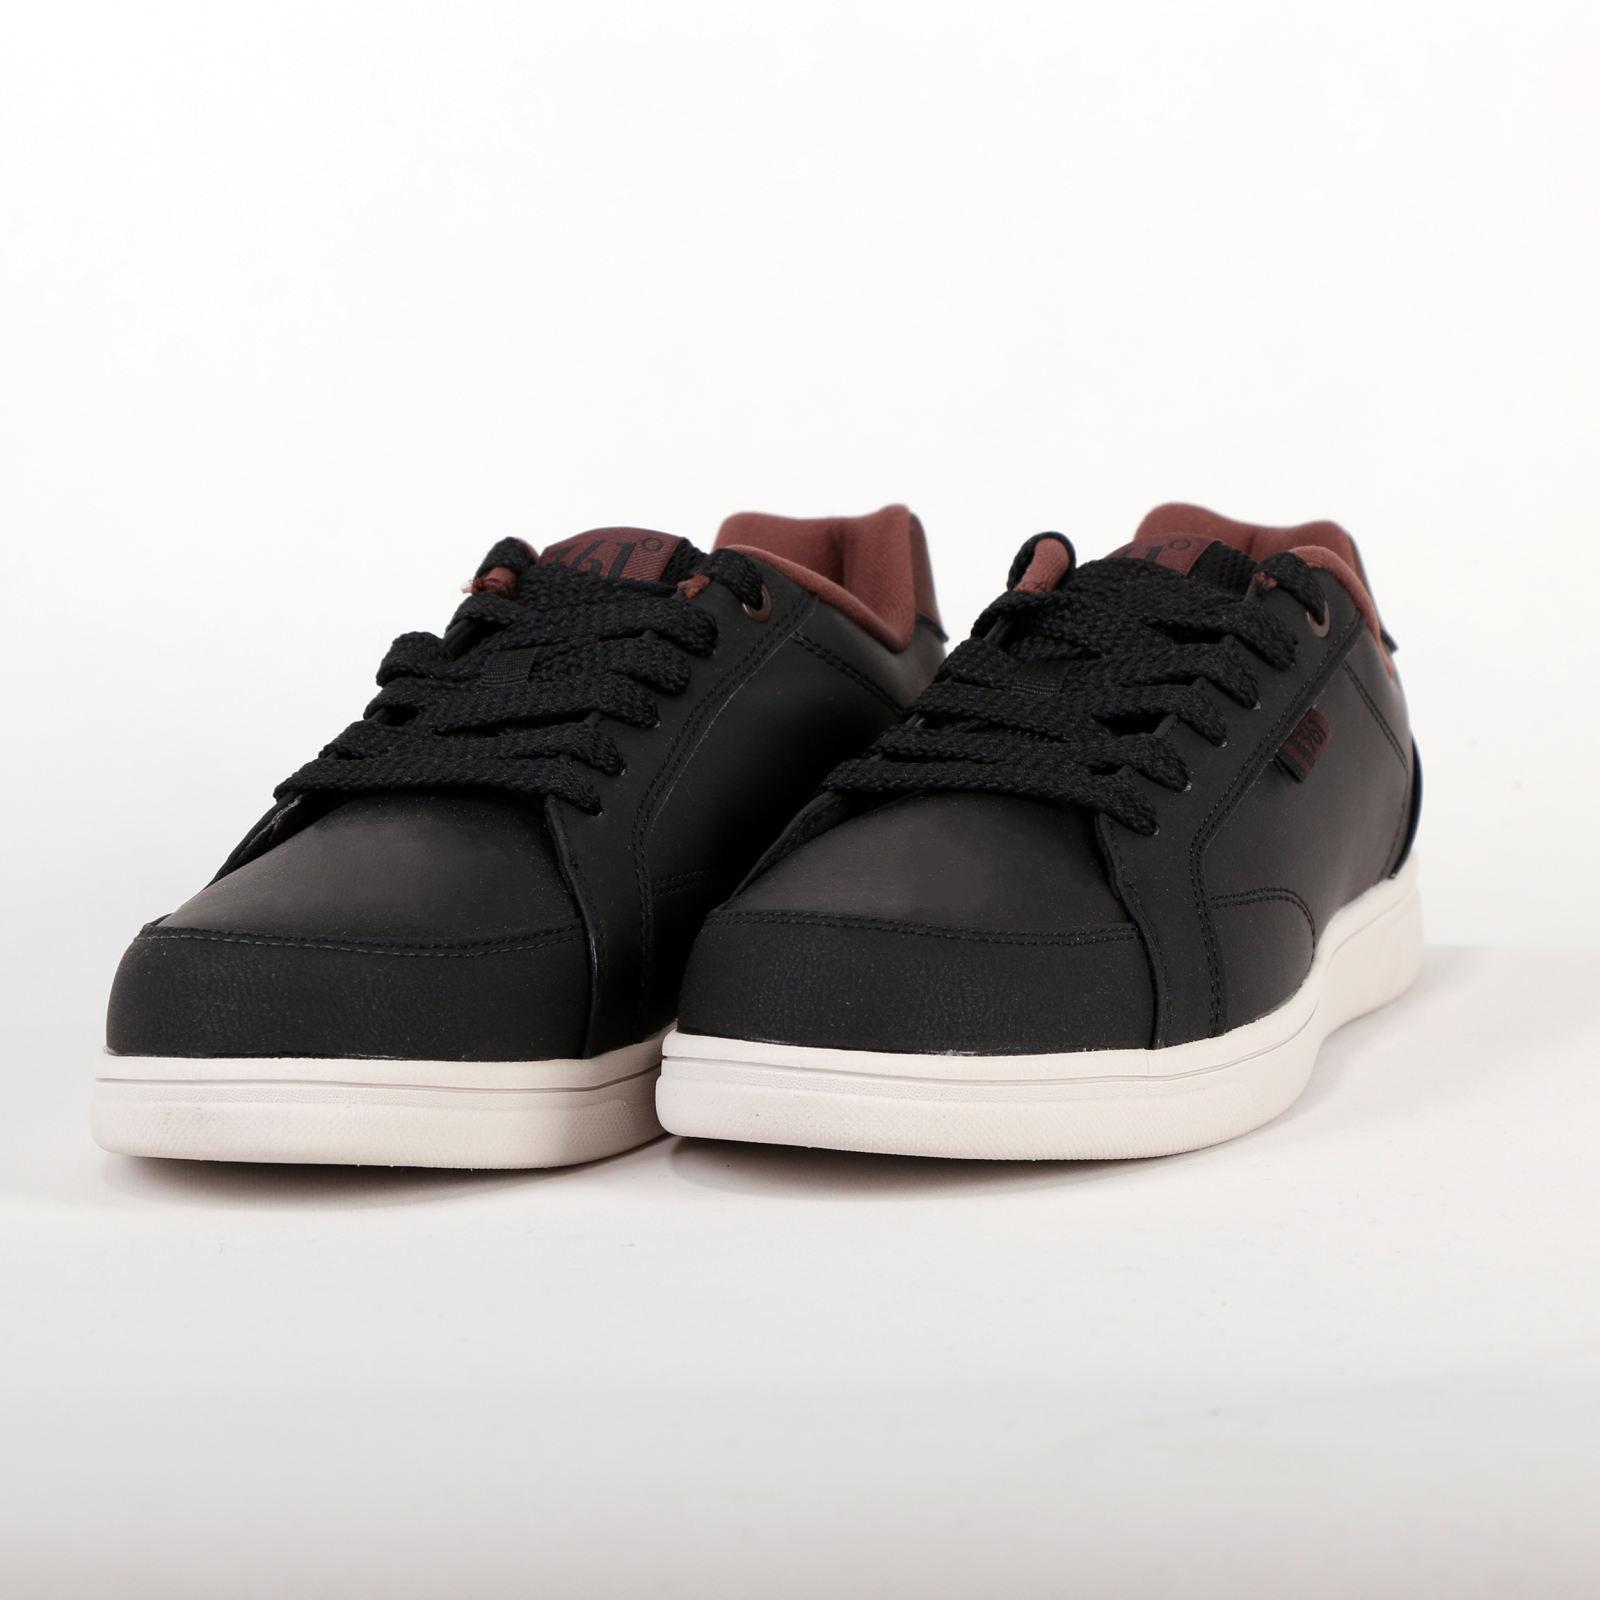 کفش راحتی مردانه 361 درجه مدل 571446631 رنگ قهوه ای تیره -  - 4